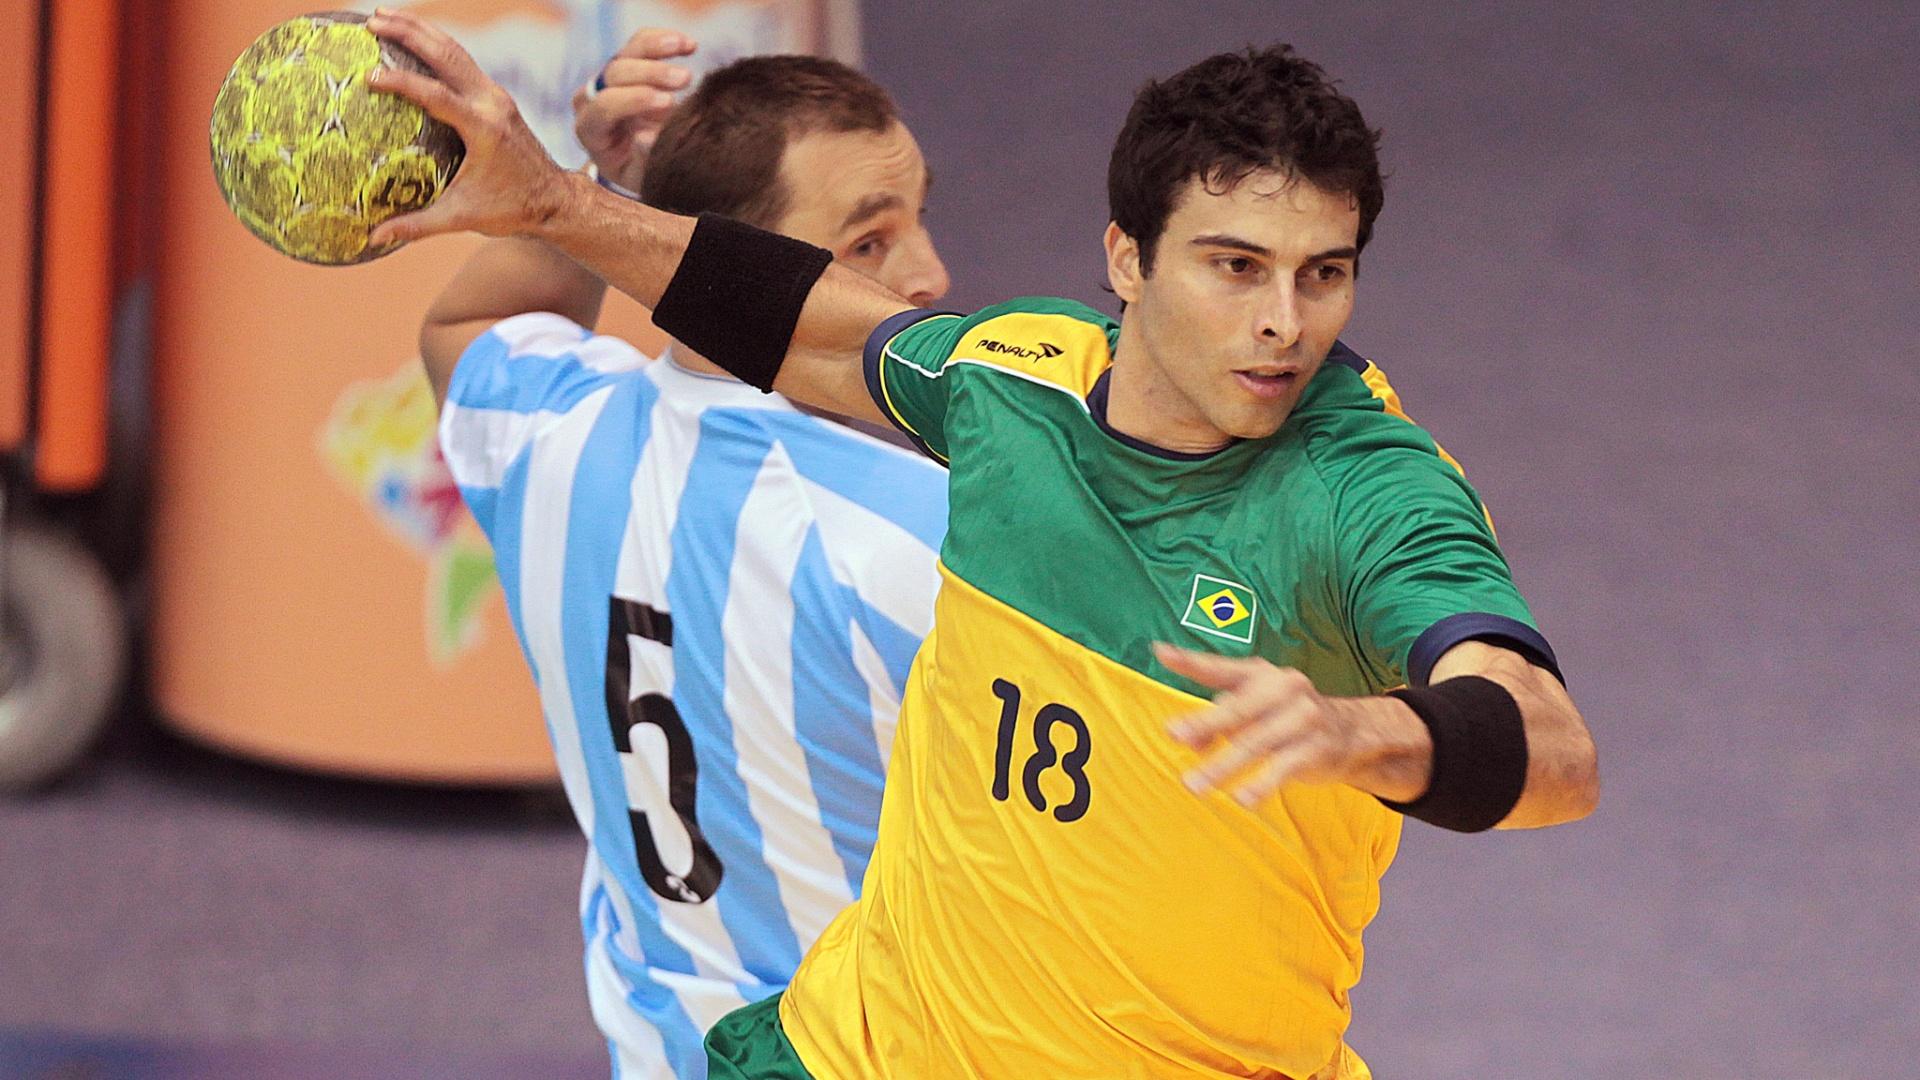 Felipe Borges arremessa e marca para o Brasil na decisão do handebol masculino, diante da Argentina (24/10/2011)